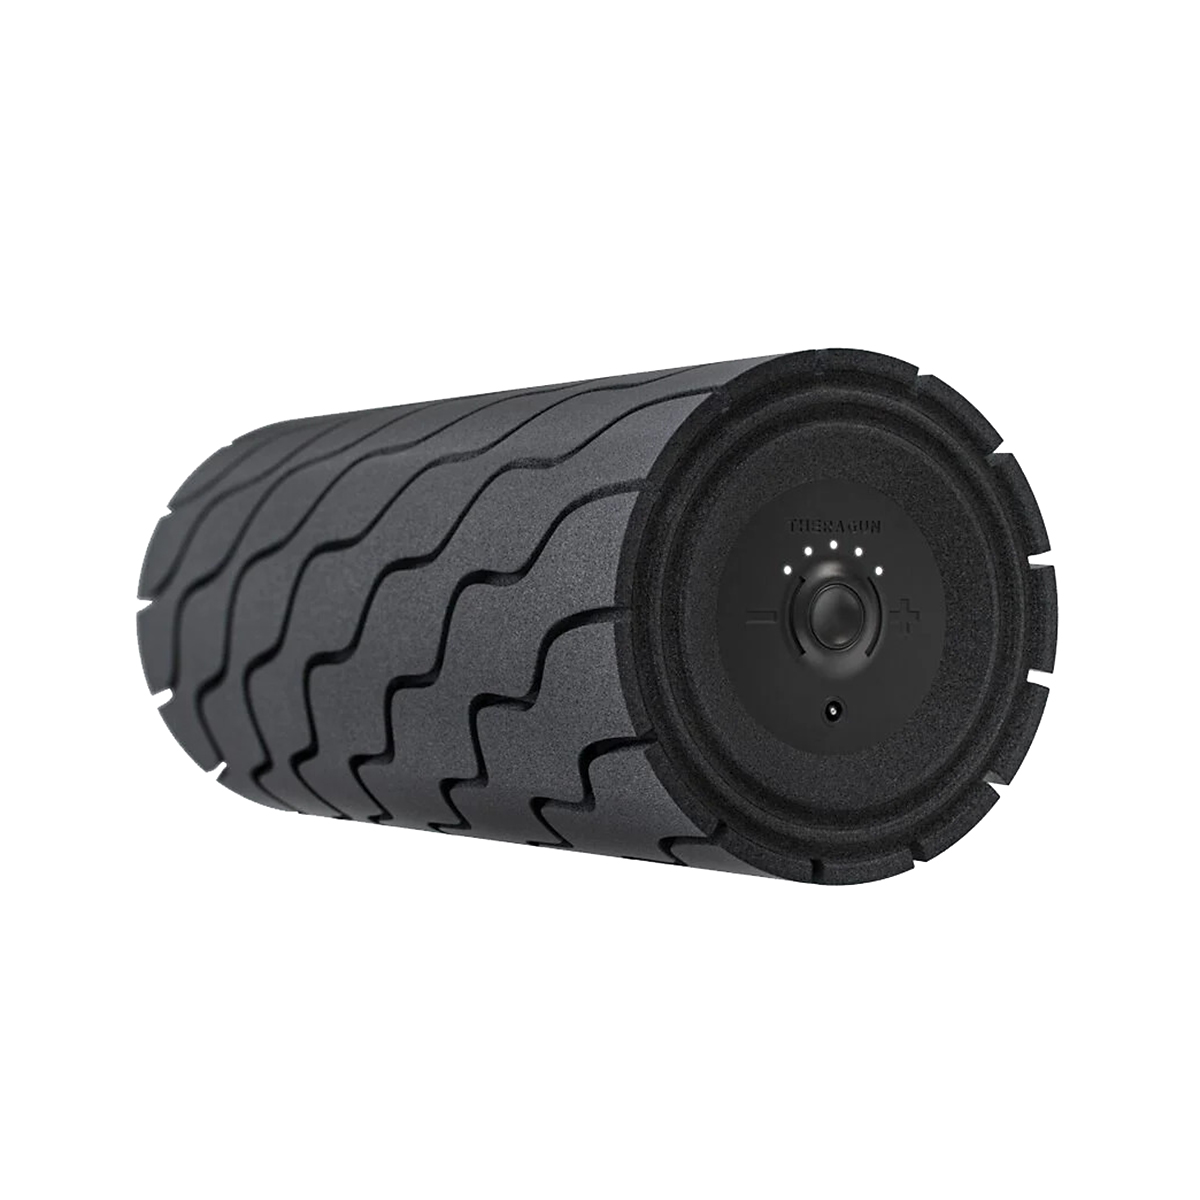 Theragun Waveroller - Color: Black, Black, large, image 4